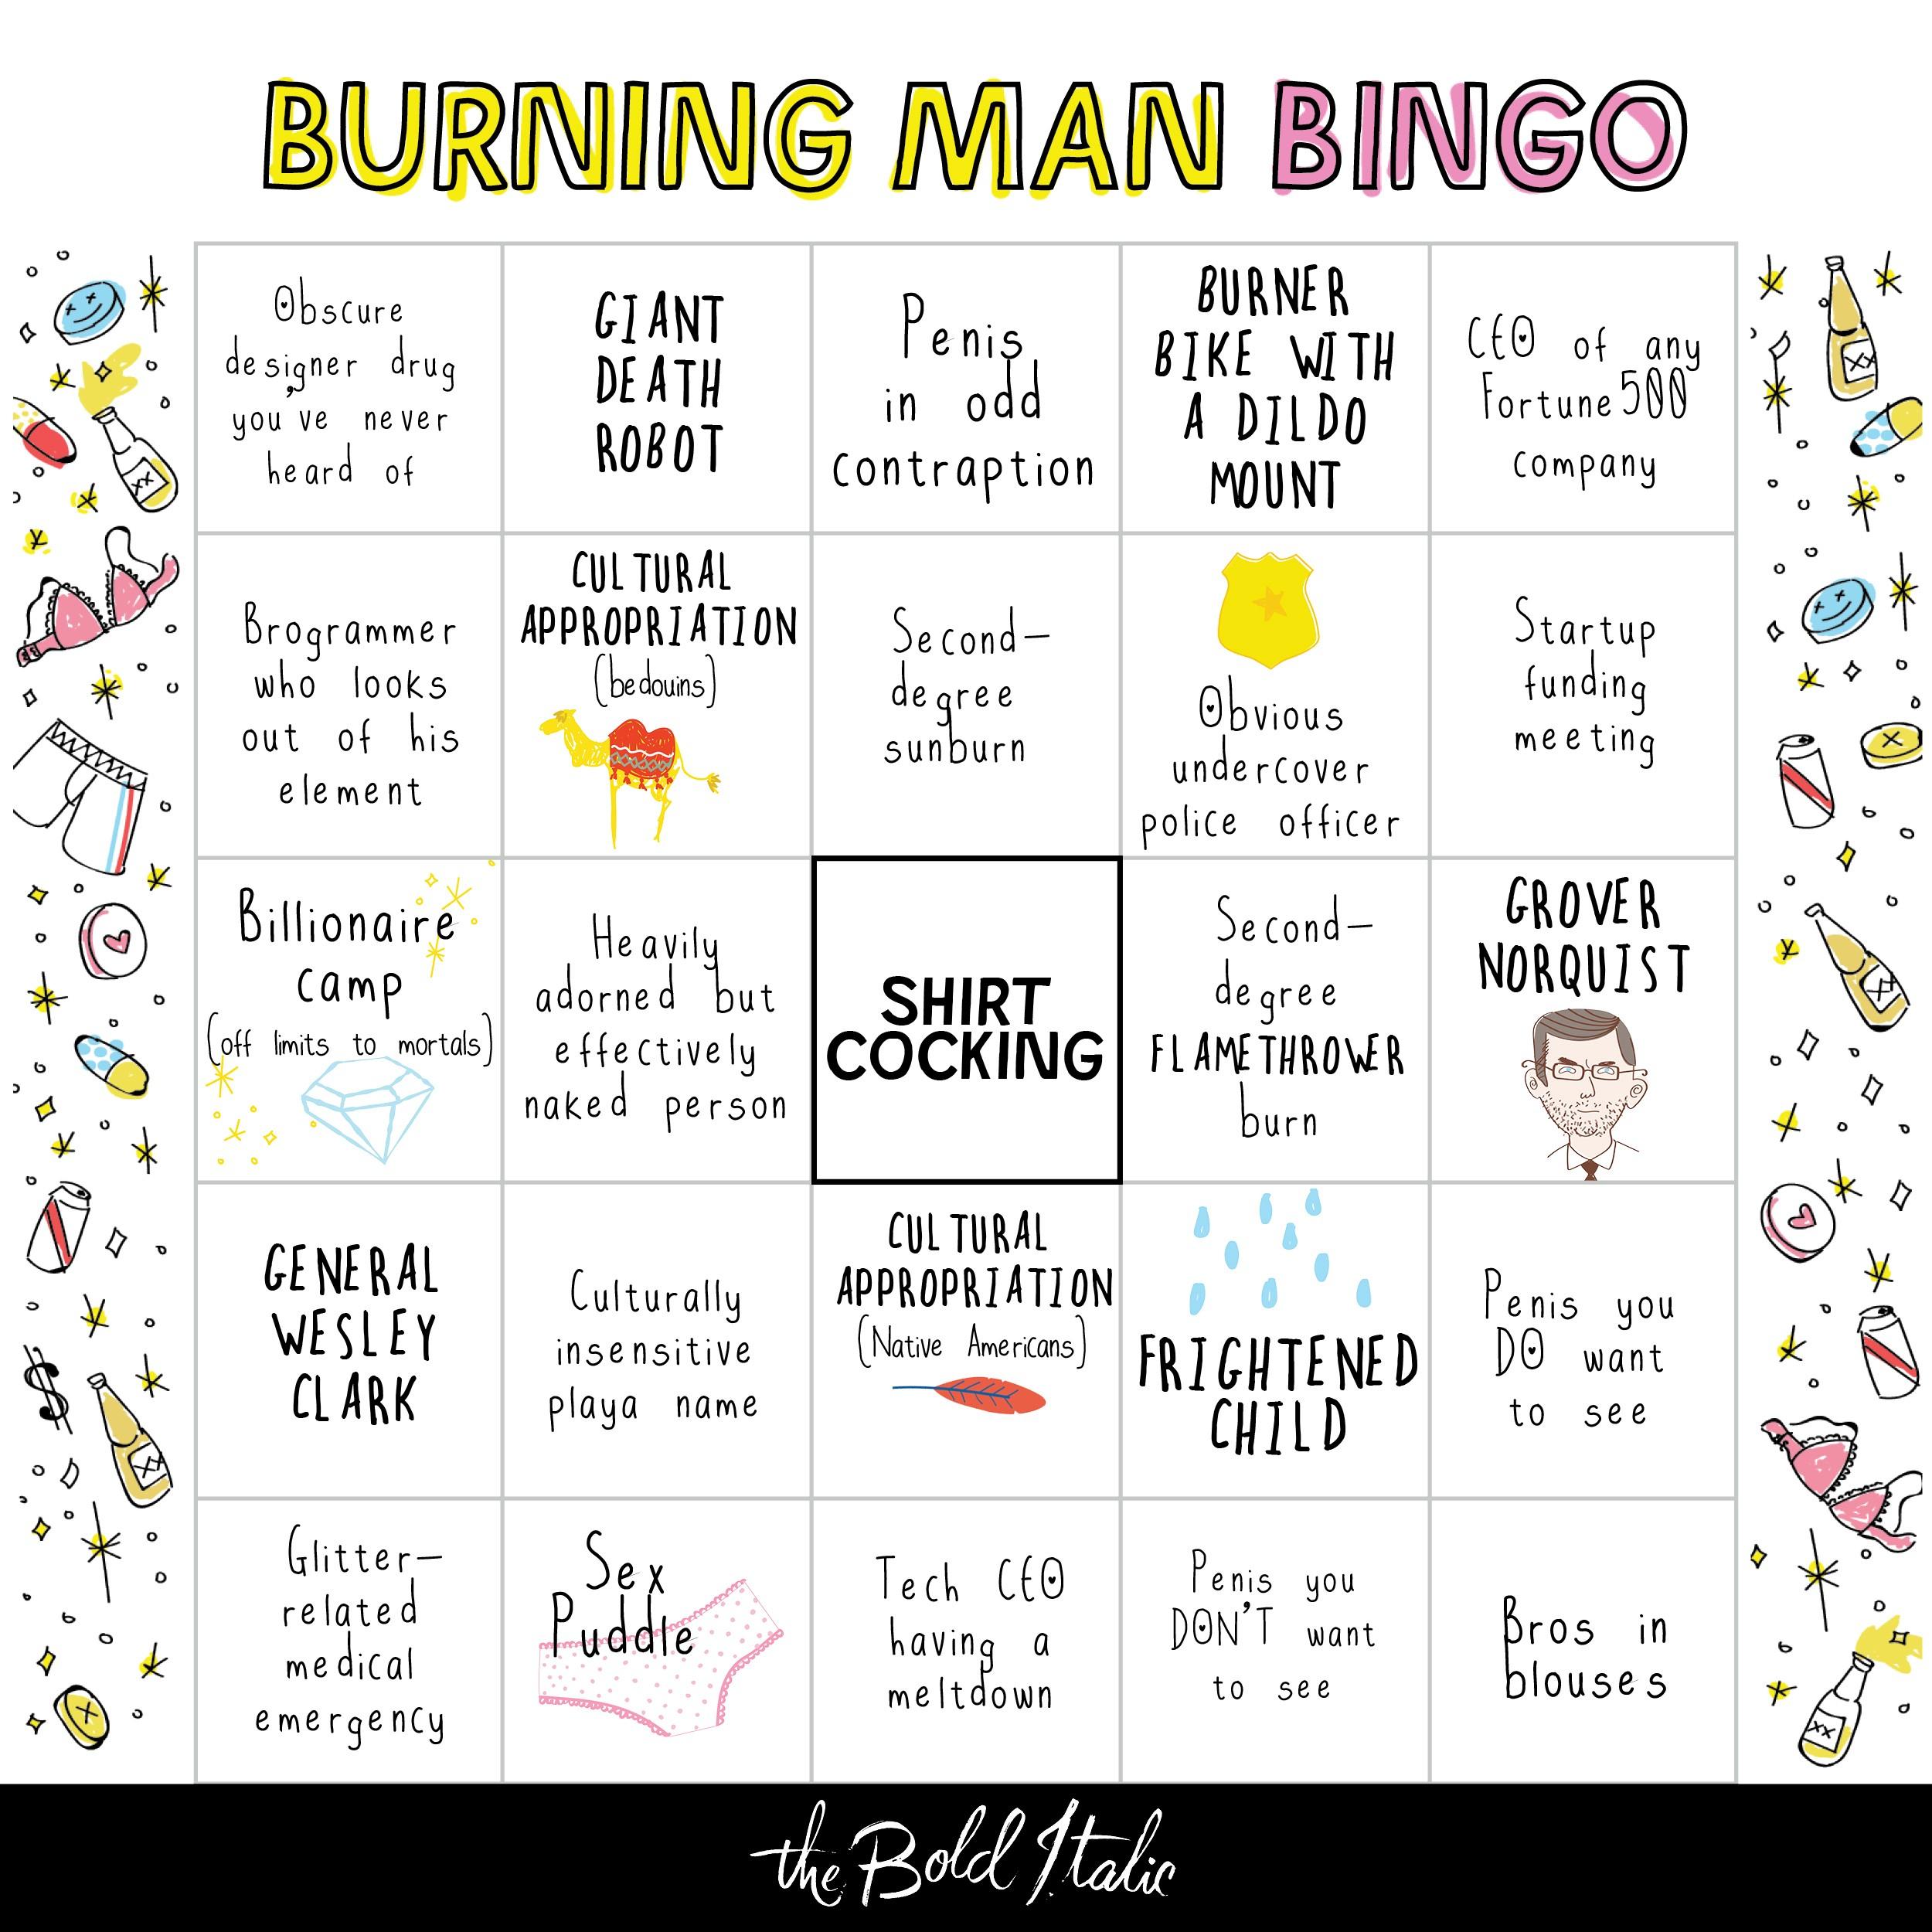 The Burning Man Bingo Card - The Bold Italic